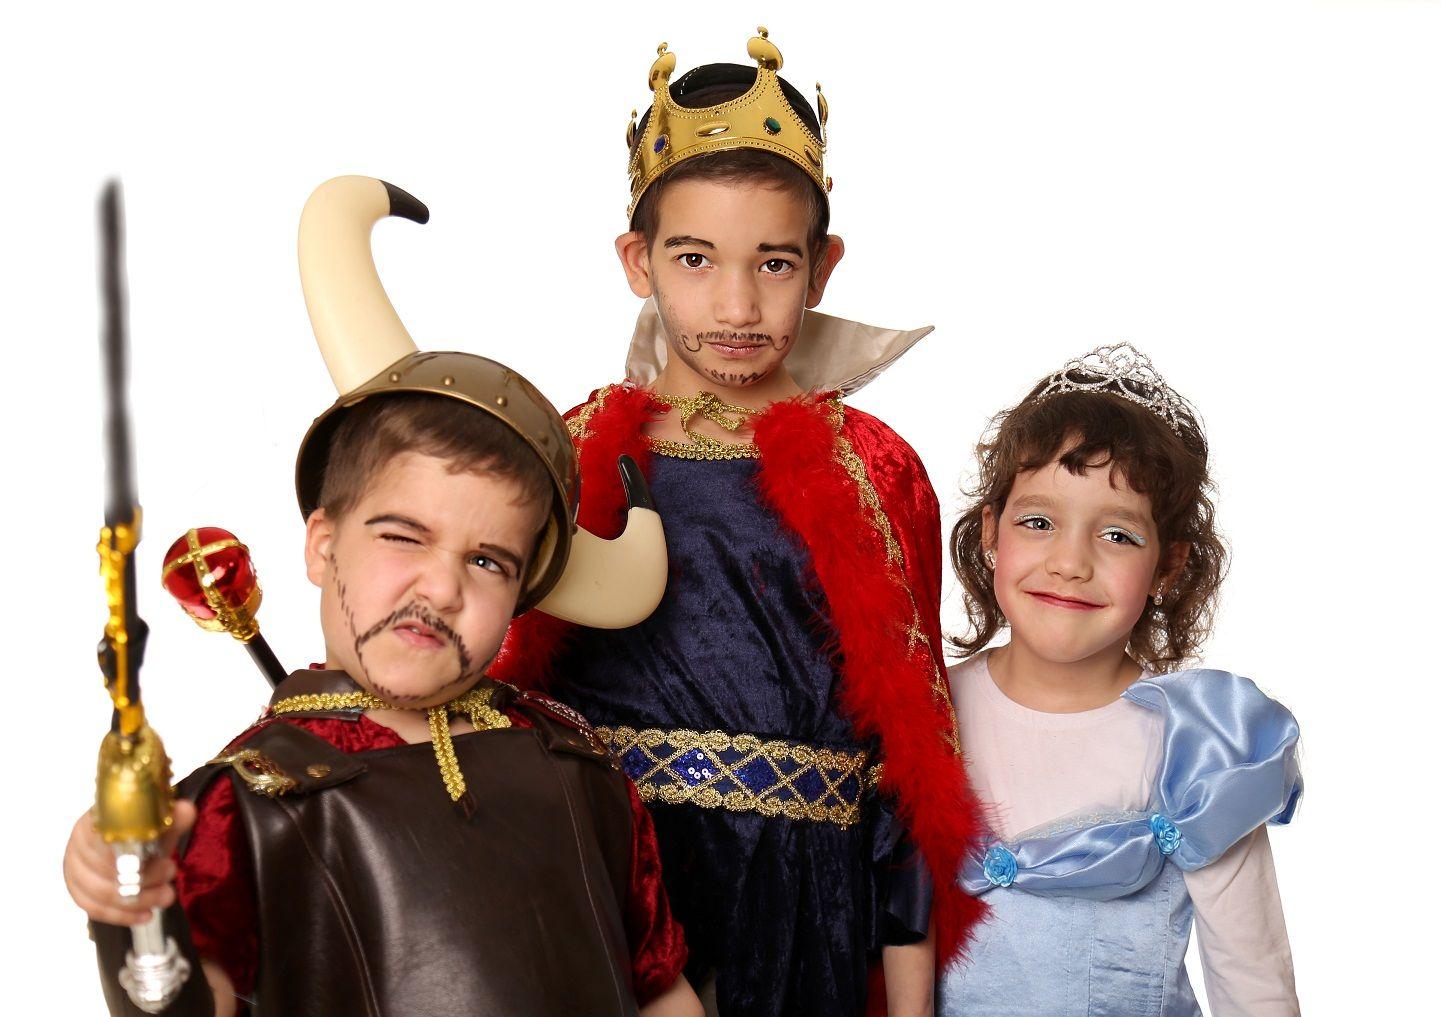 1 2 - הממלכה המאוחדת-Hayat Kingdom